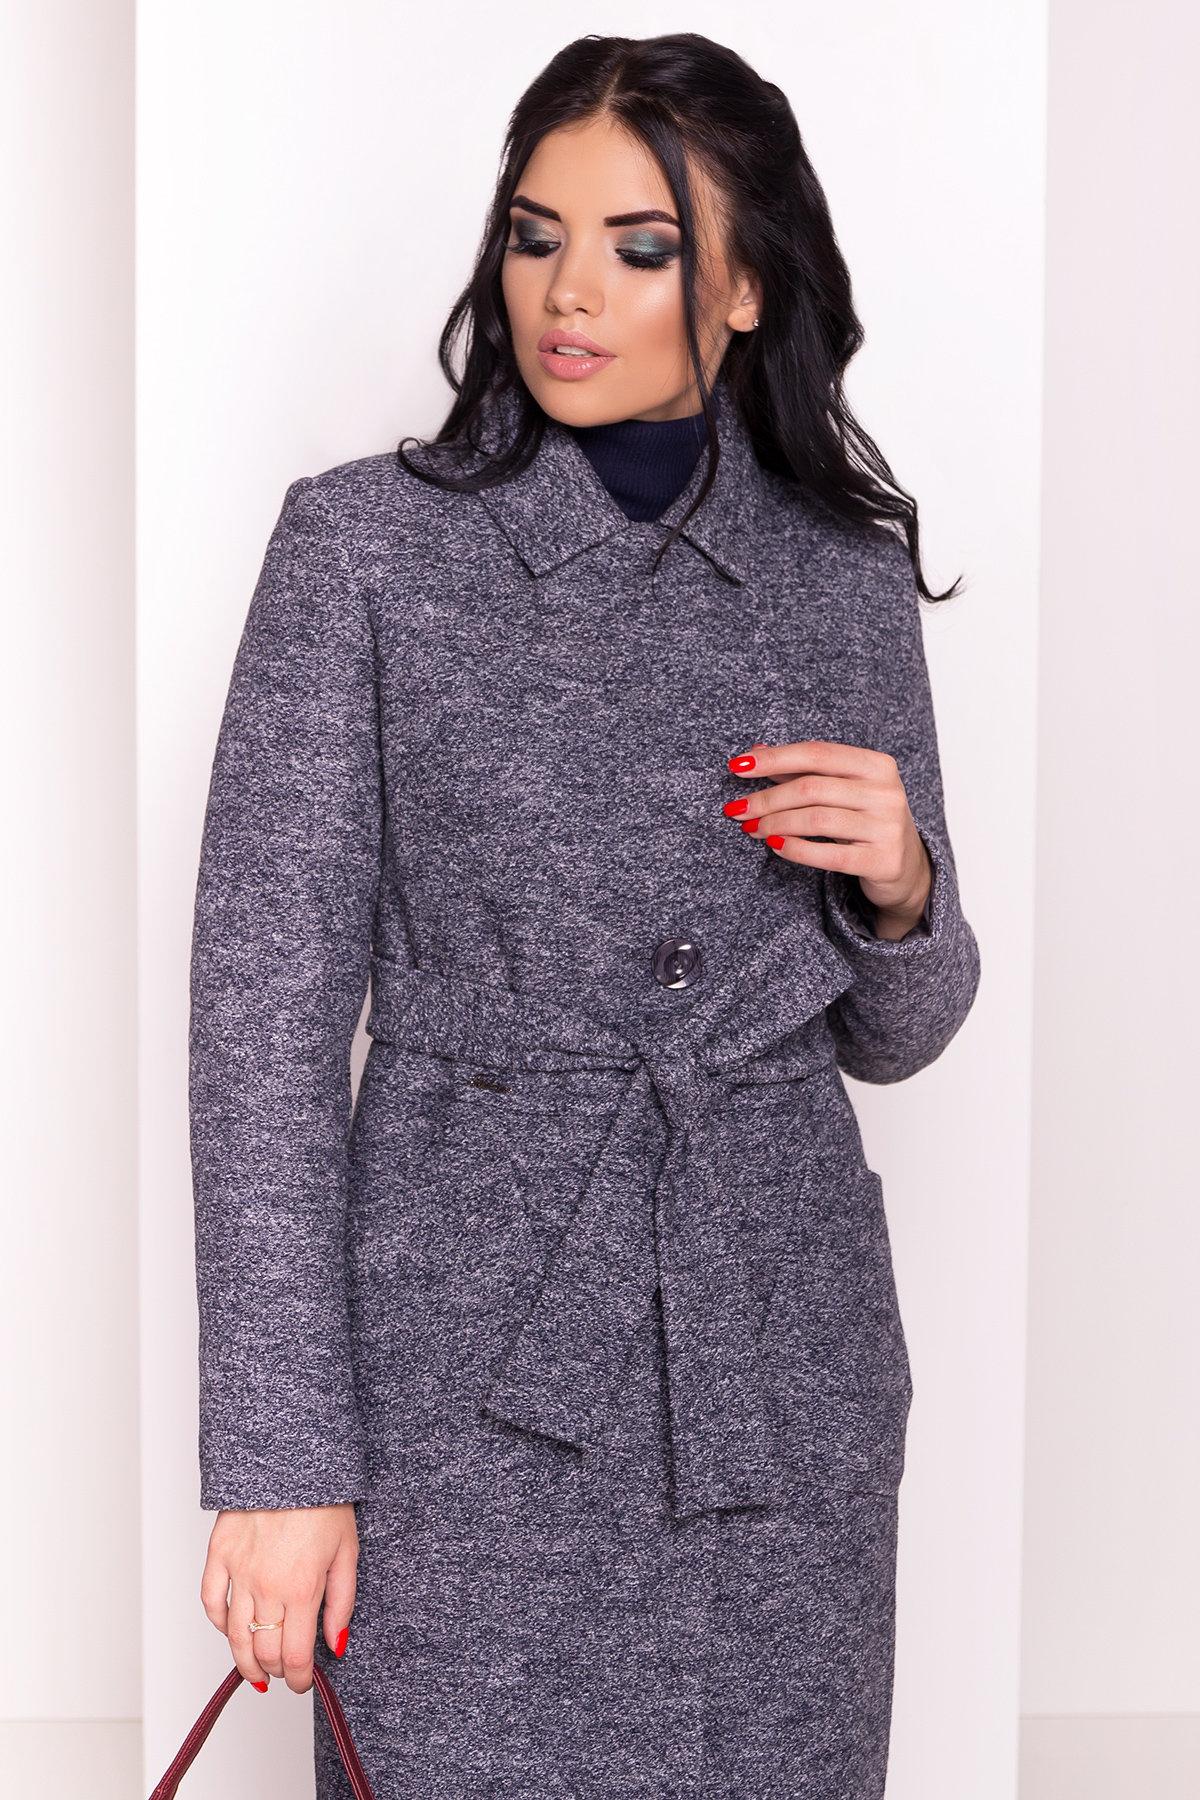 Пальто Габриэлла 4224 АРТ. 20835 Цвет: Серый темный LW-22 - фото 4, интернет магазин tm-modus.ru